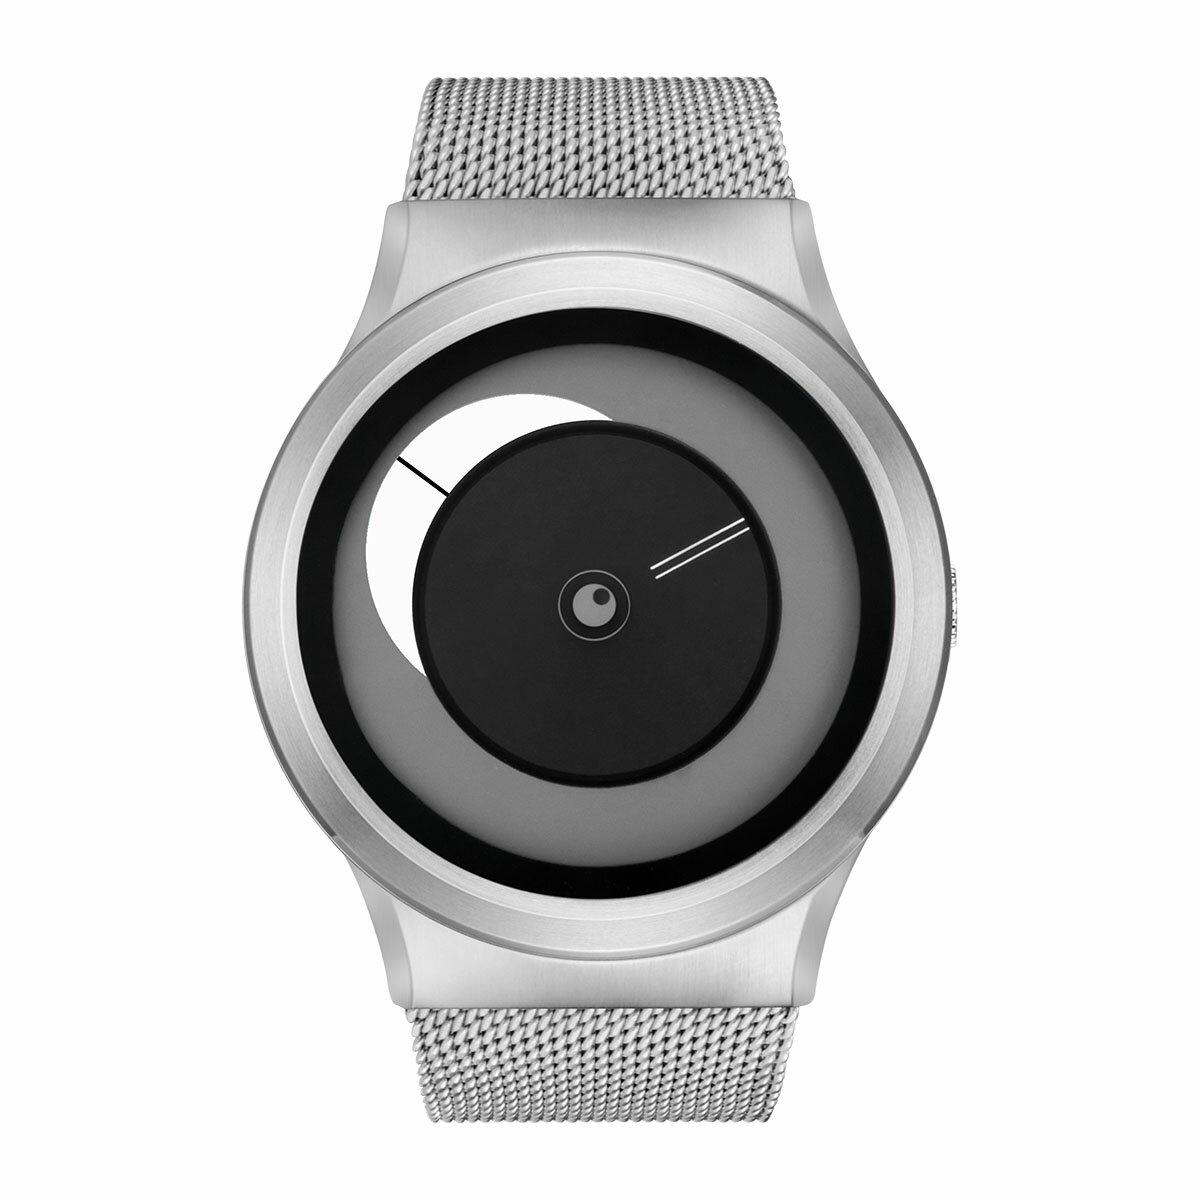 ZEROO CRESCENT MOON ゼロ 電池式クォーツ 腕時計 [W09037B01SM01] ホワイト デザインウォッチ ペア用 メンズ レディース ユニセックス おしゃれ時計 デザイナーズ